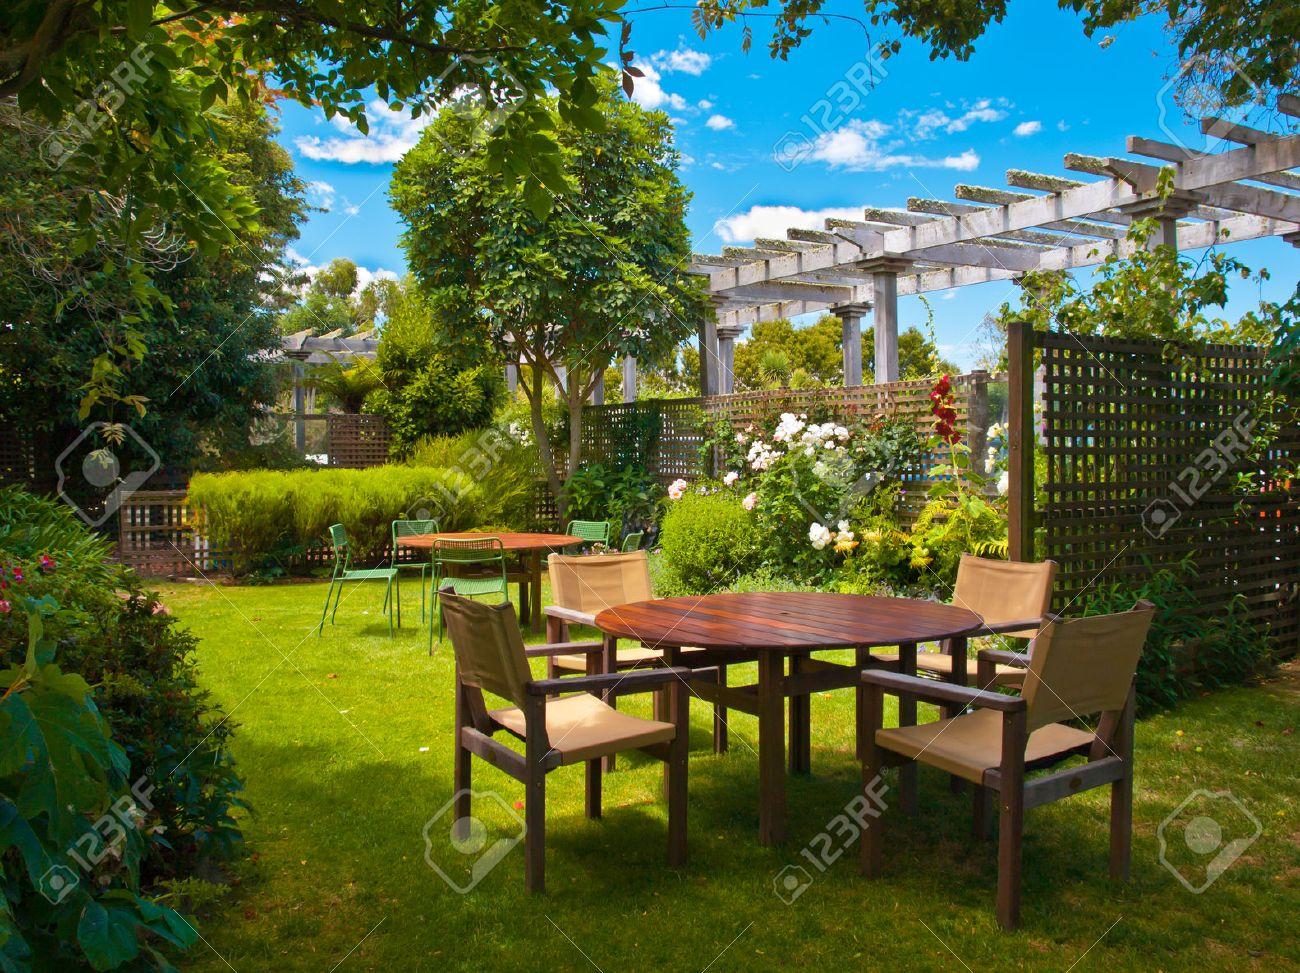 Con Jardines Jardín Con Madera Mesa De Comedor Situado A La Sombra ...